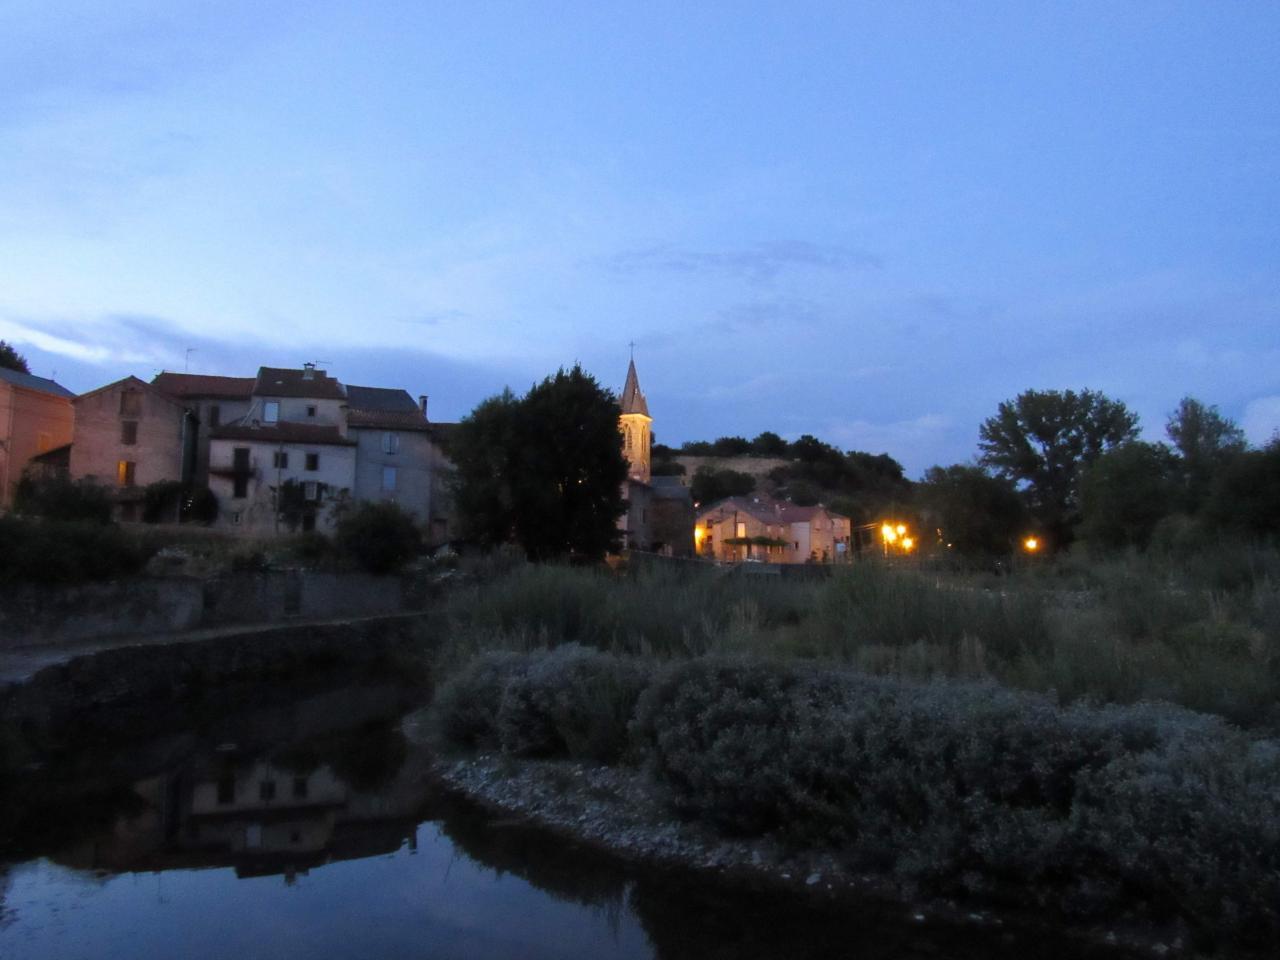 LAROQUE de nuit juillet 2015